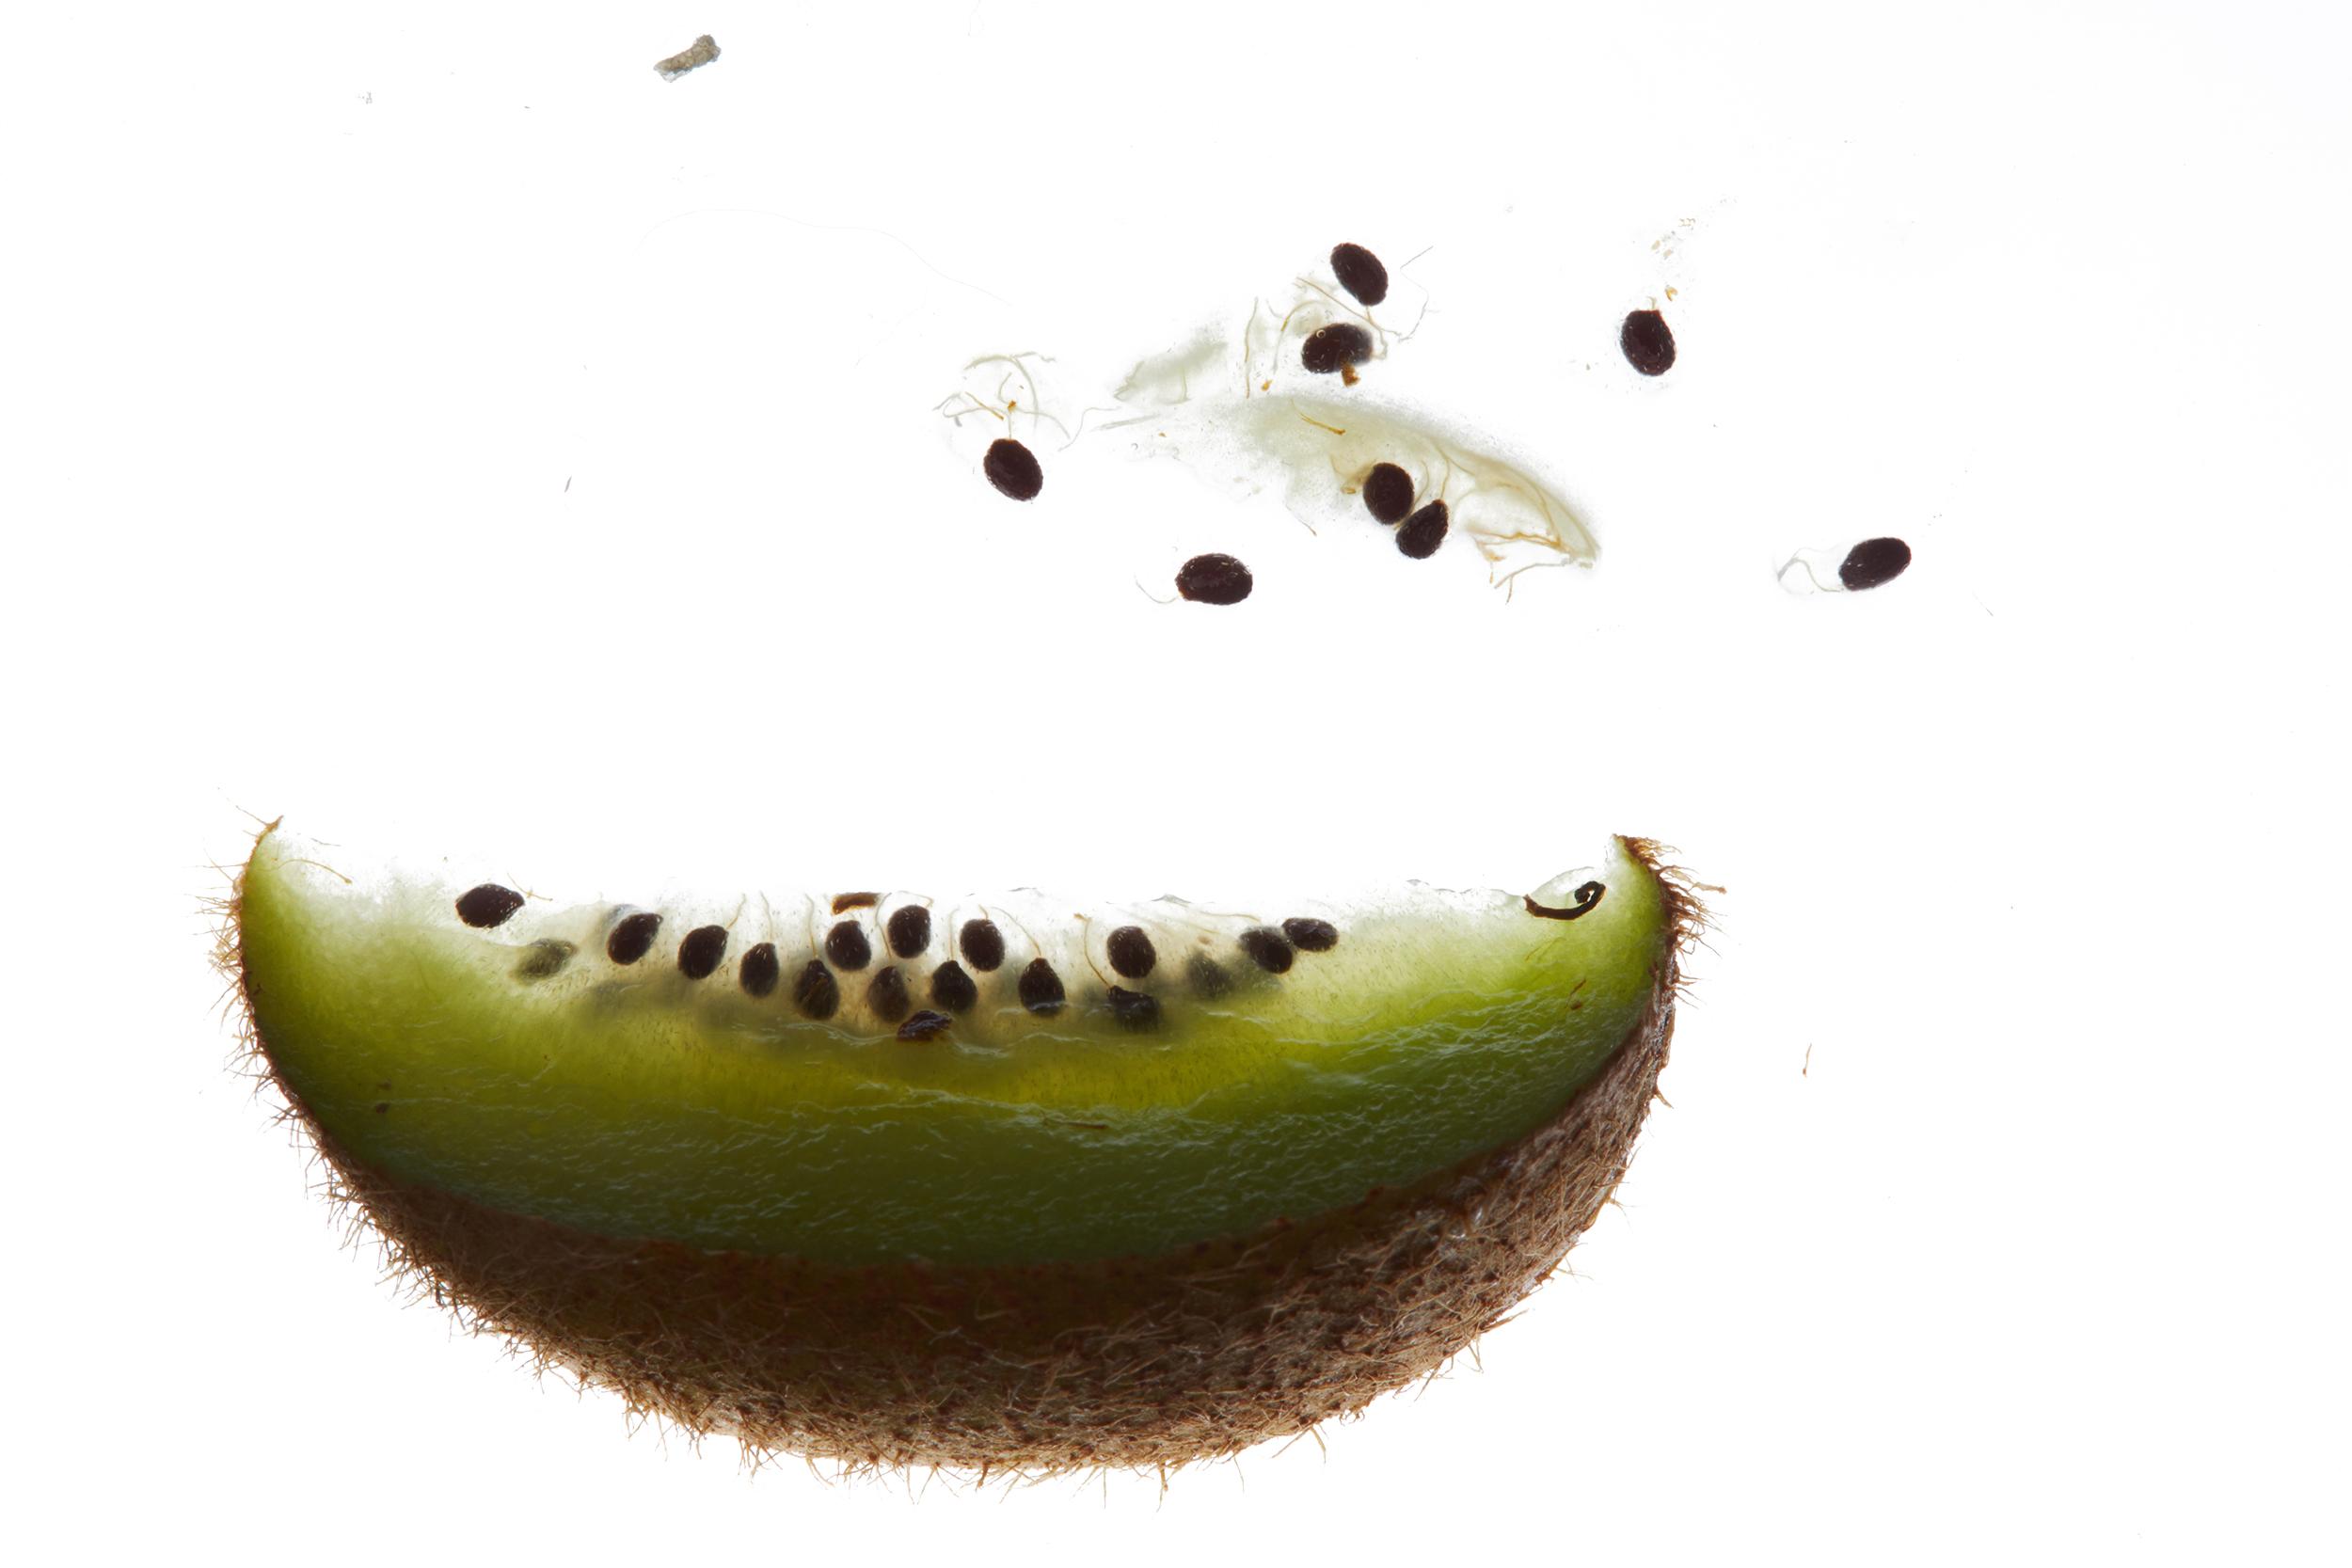 Translucent Kiwi Wedge